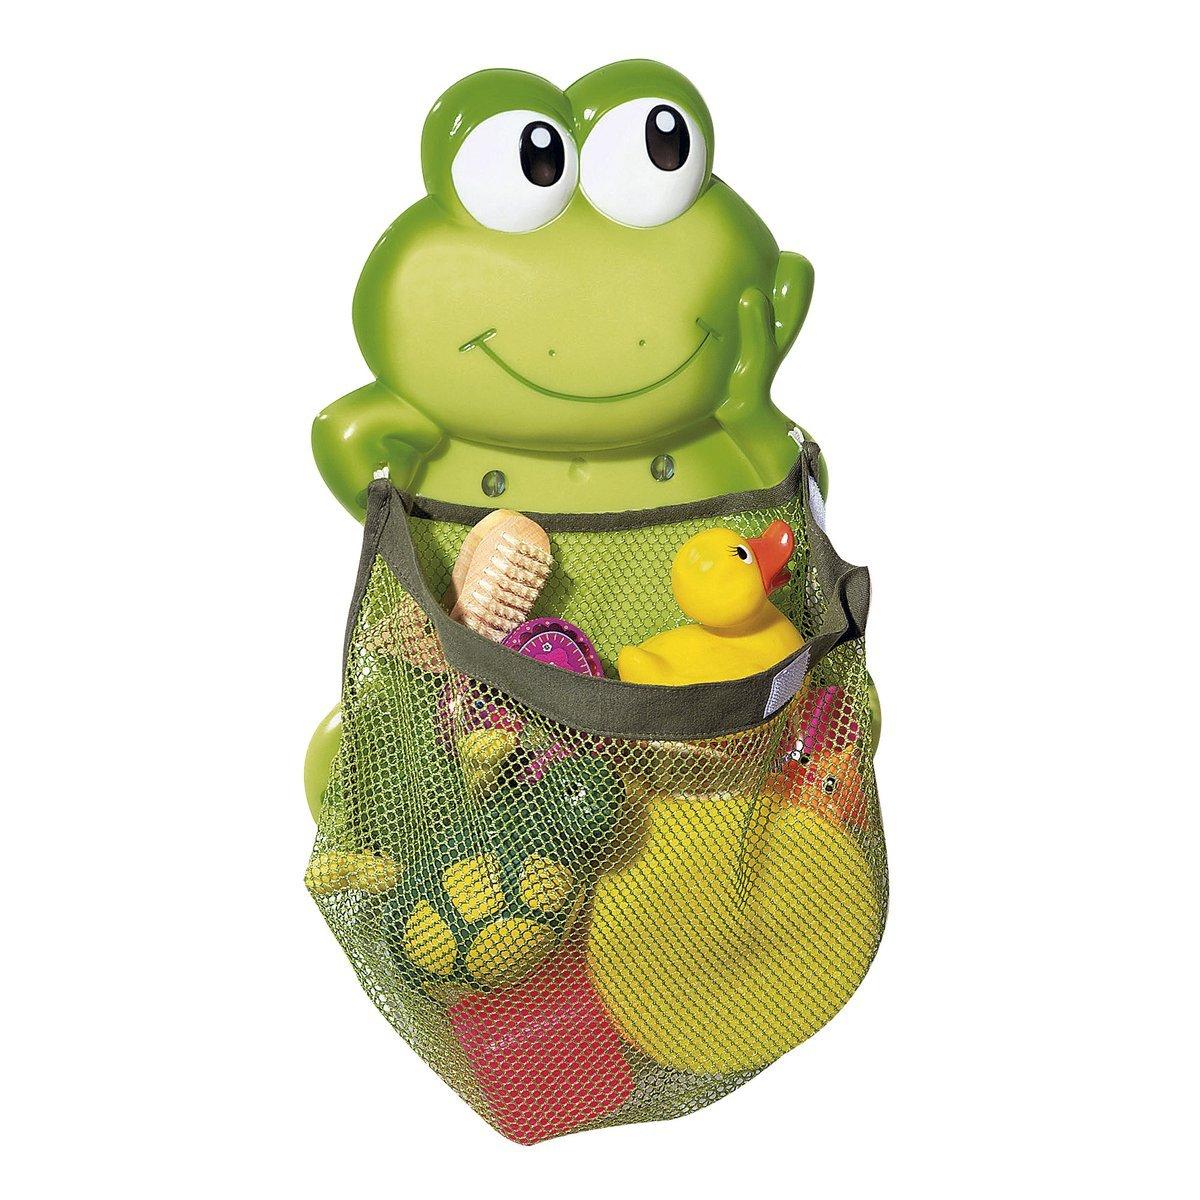 babywalz Aufr/äumnetz Frosch gr/ö/ßenverstellbar durch Klettverschluss Aufbewahrungs-Netz f/ür Badespielzeug gr/ün extra starke Saugn/äpfe